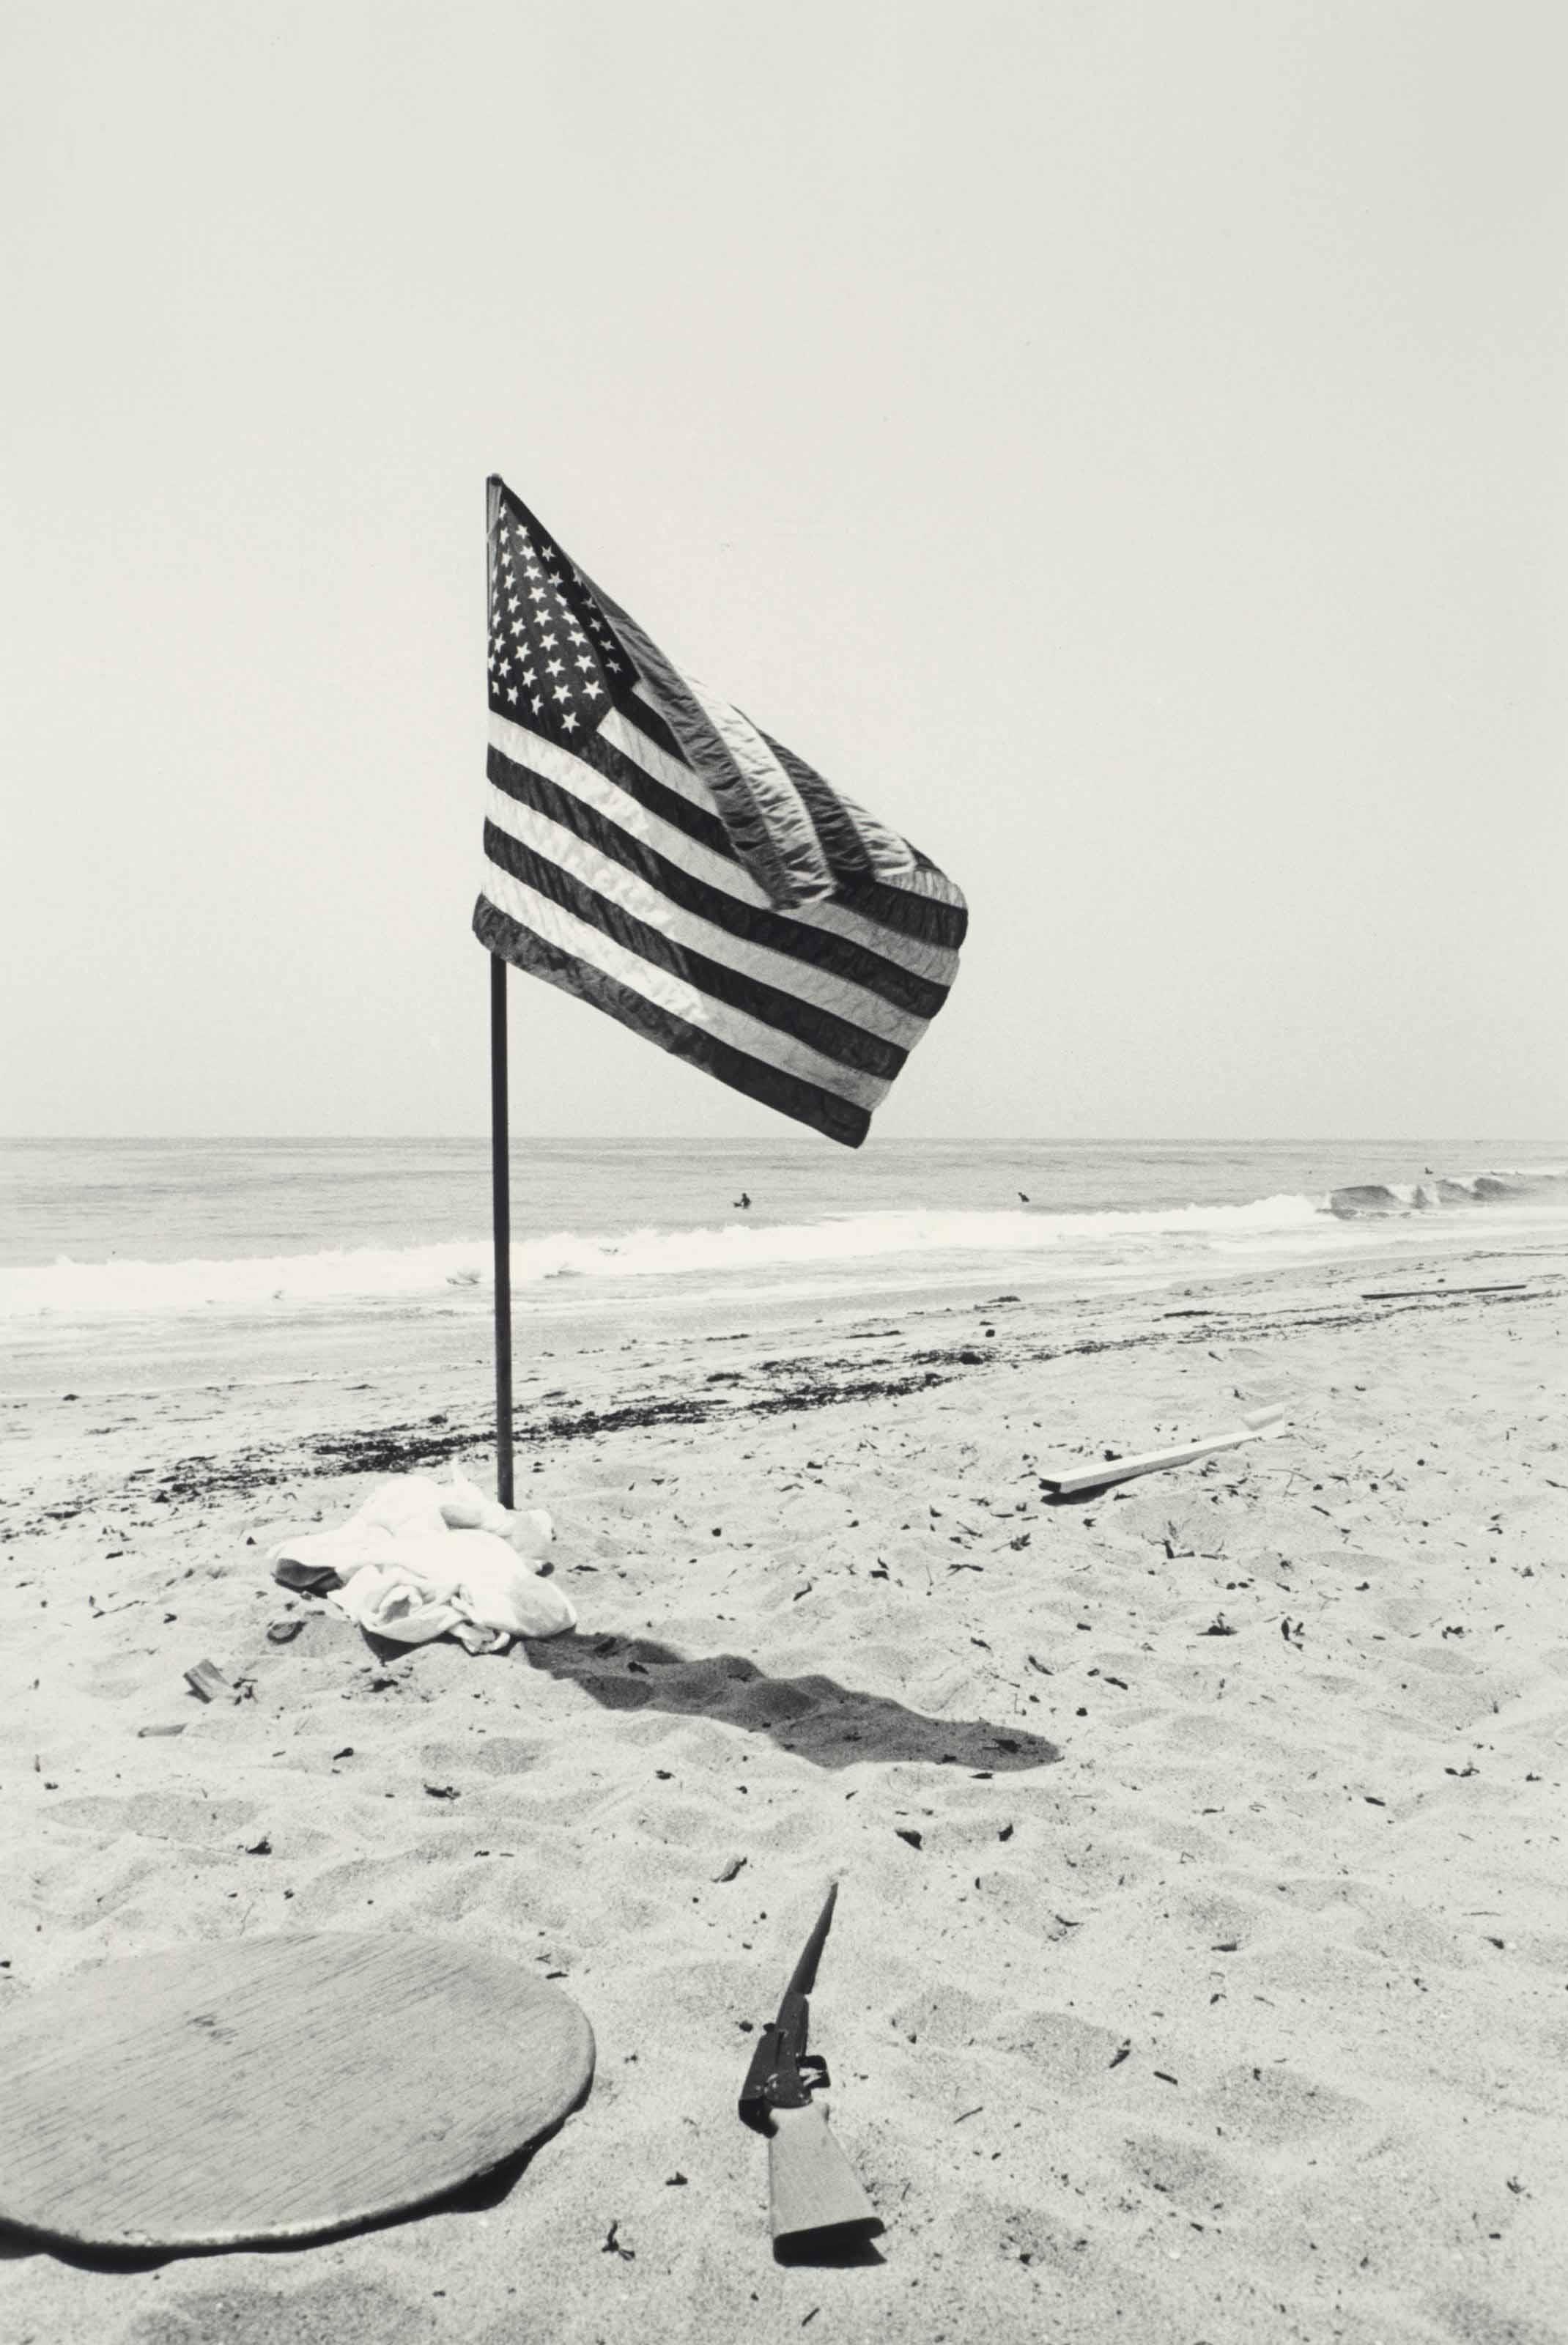 Malibu, July 4th, 1964